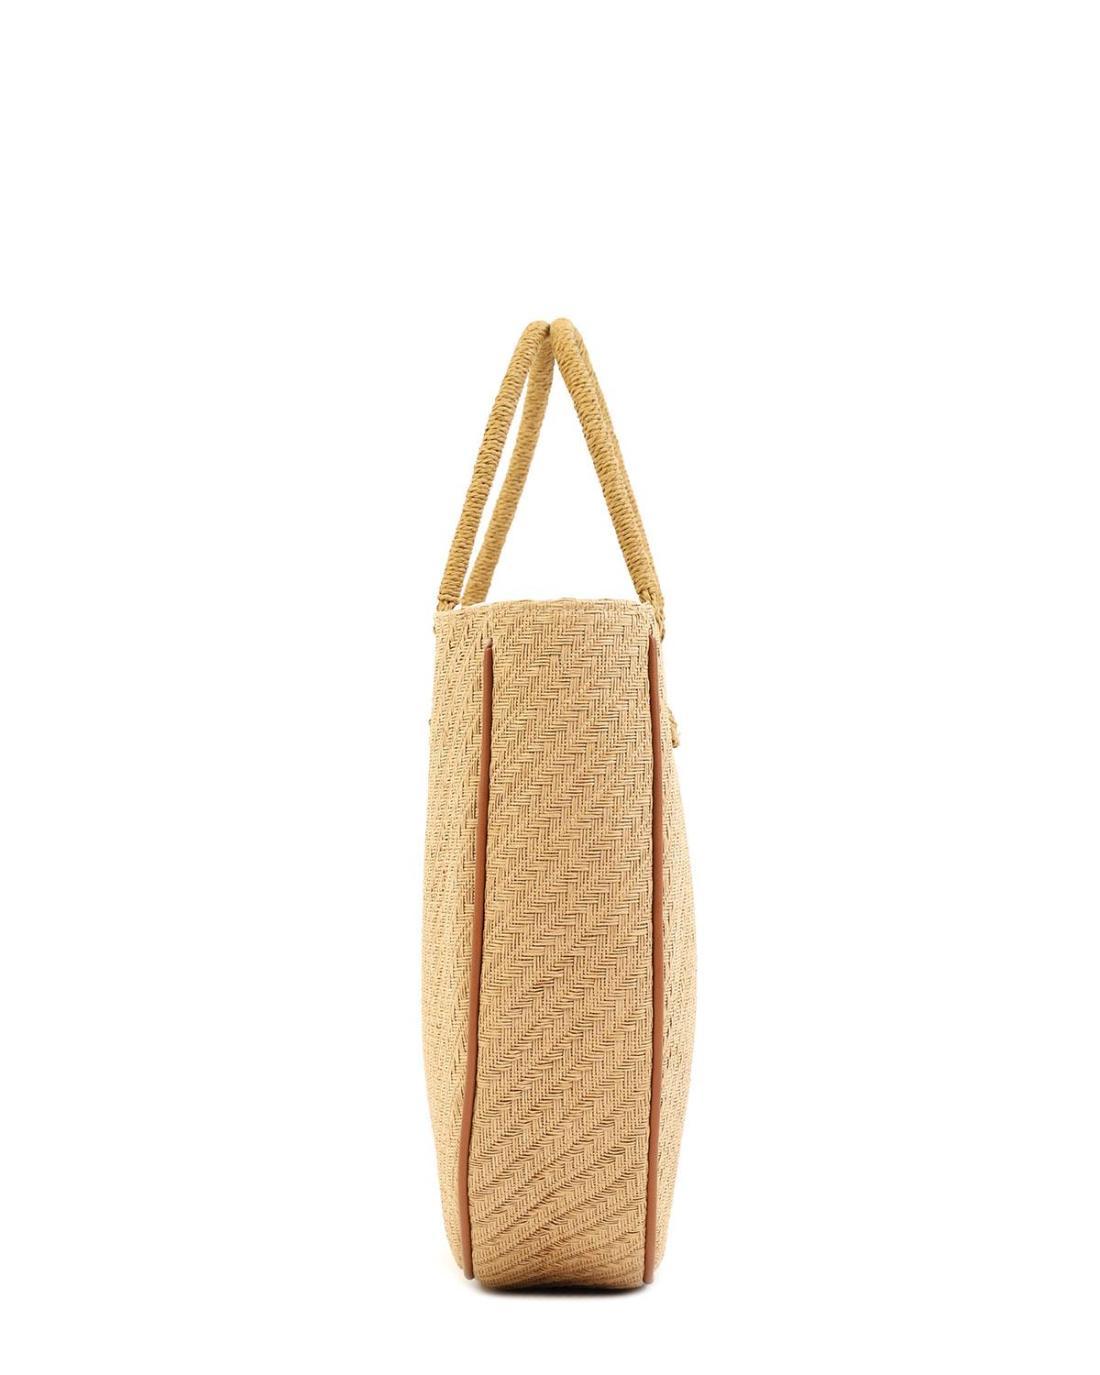 Papierstroh braune strandtasche